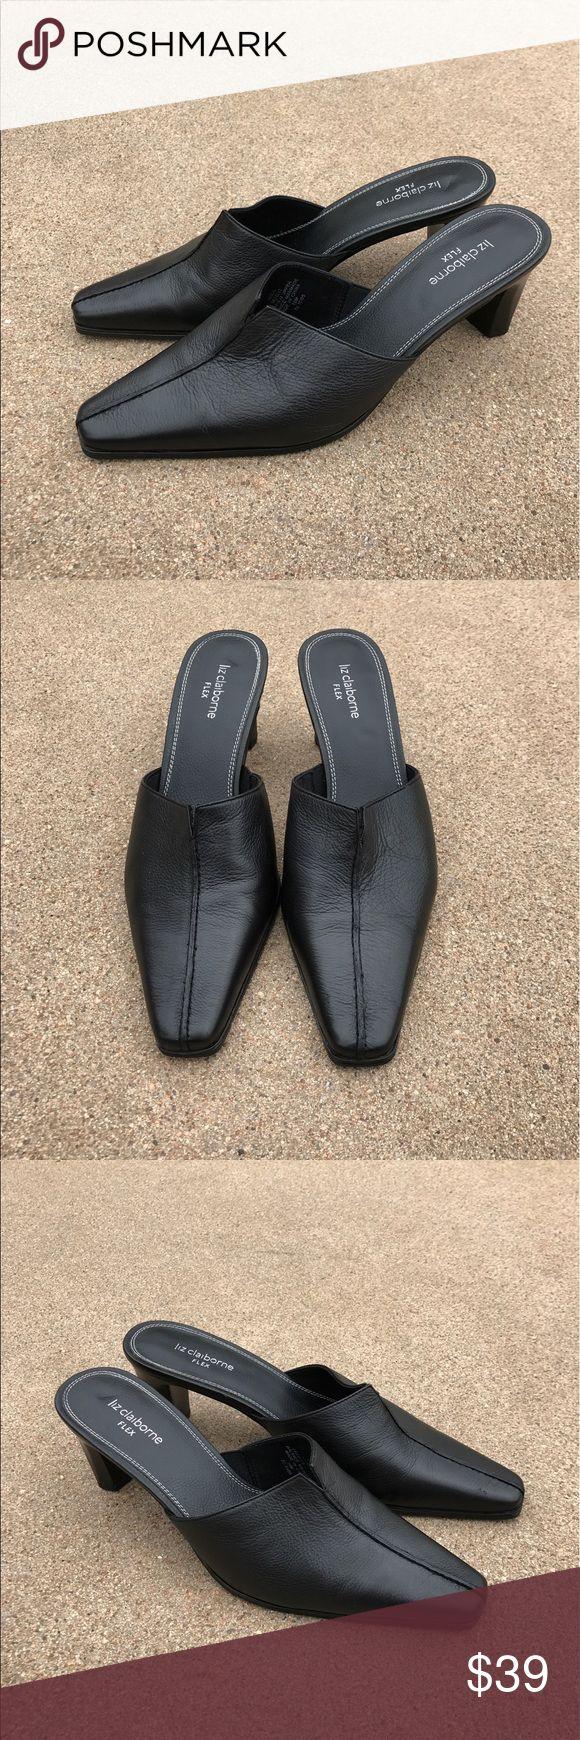 Liz Claiborne Flex Women's Mules Clogs Heels Black Lovely Liz Claiborne Flex women's mules clogs pump heels slides square toe black leather Size 10M pre-owned, minor wear, scuffs. Liz Claiborne Shoes Mules & Clogs